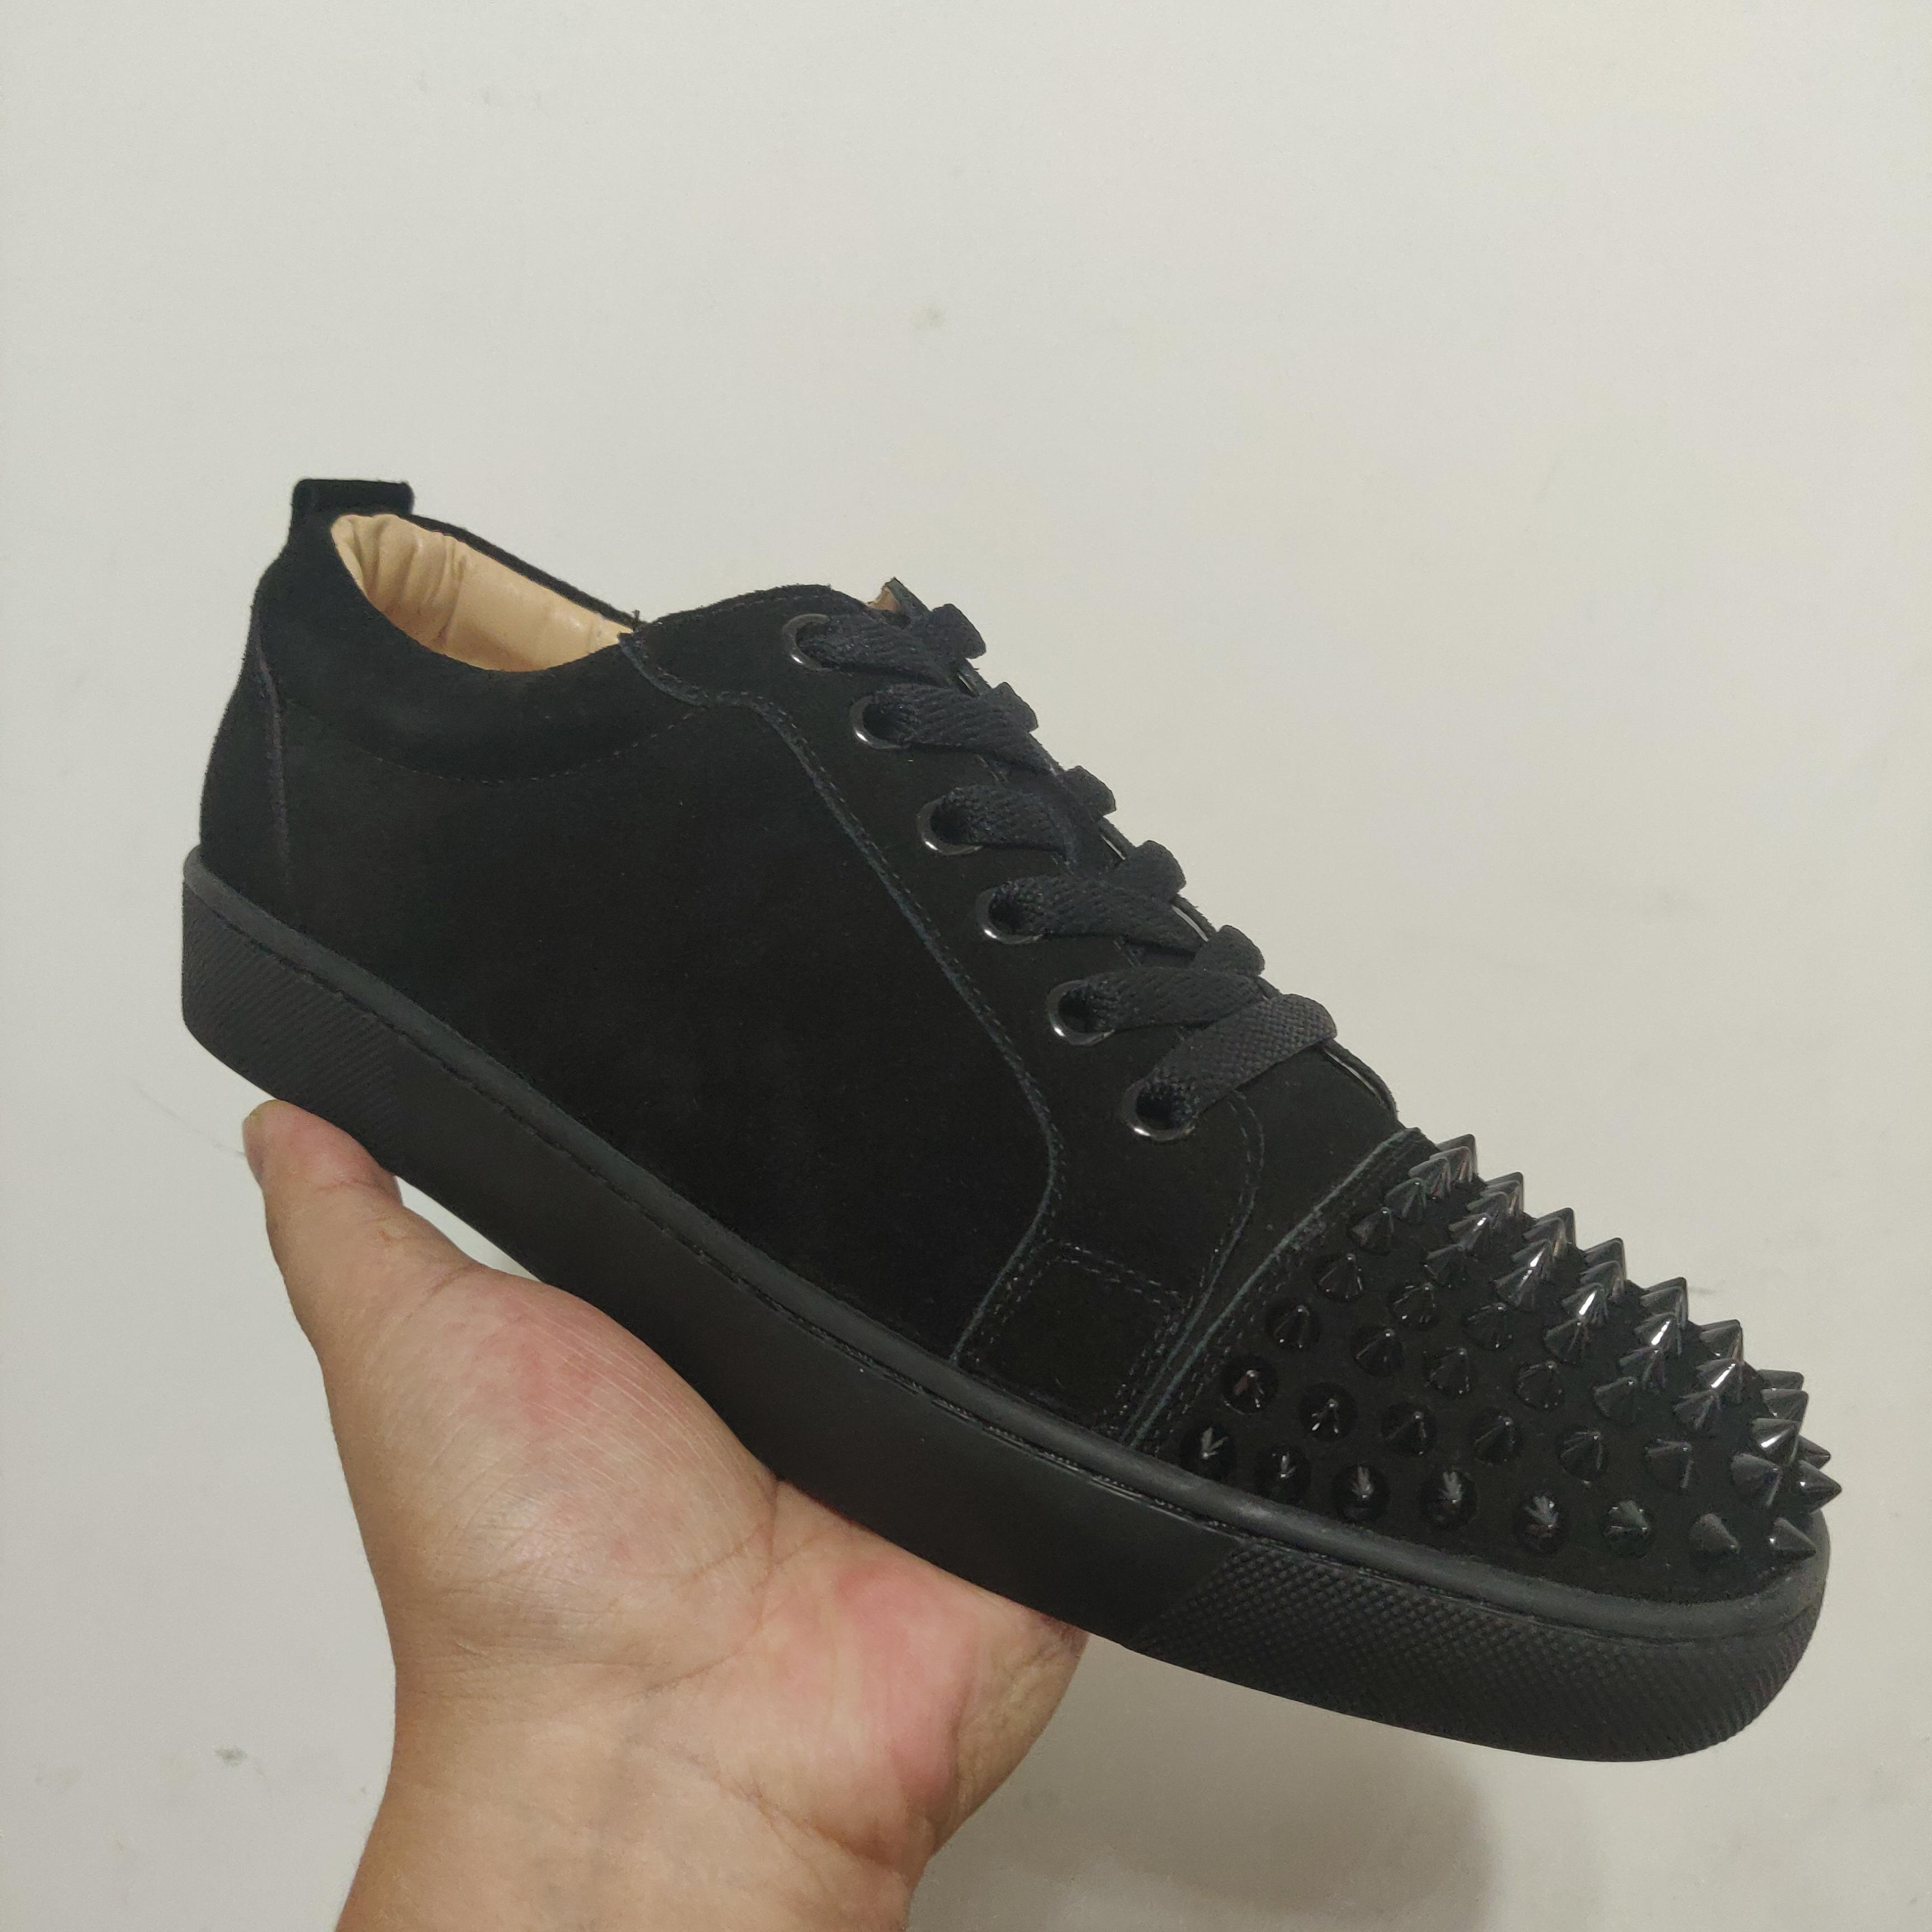 Chaussures de sport Designer Red Bottom Spikes Low Cut Flats Chaussures pour homme femme Chaussures en cuir Chaussures Casual avec sac à poussière